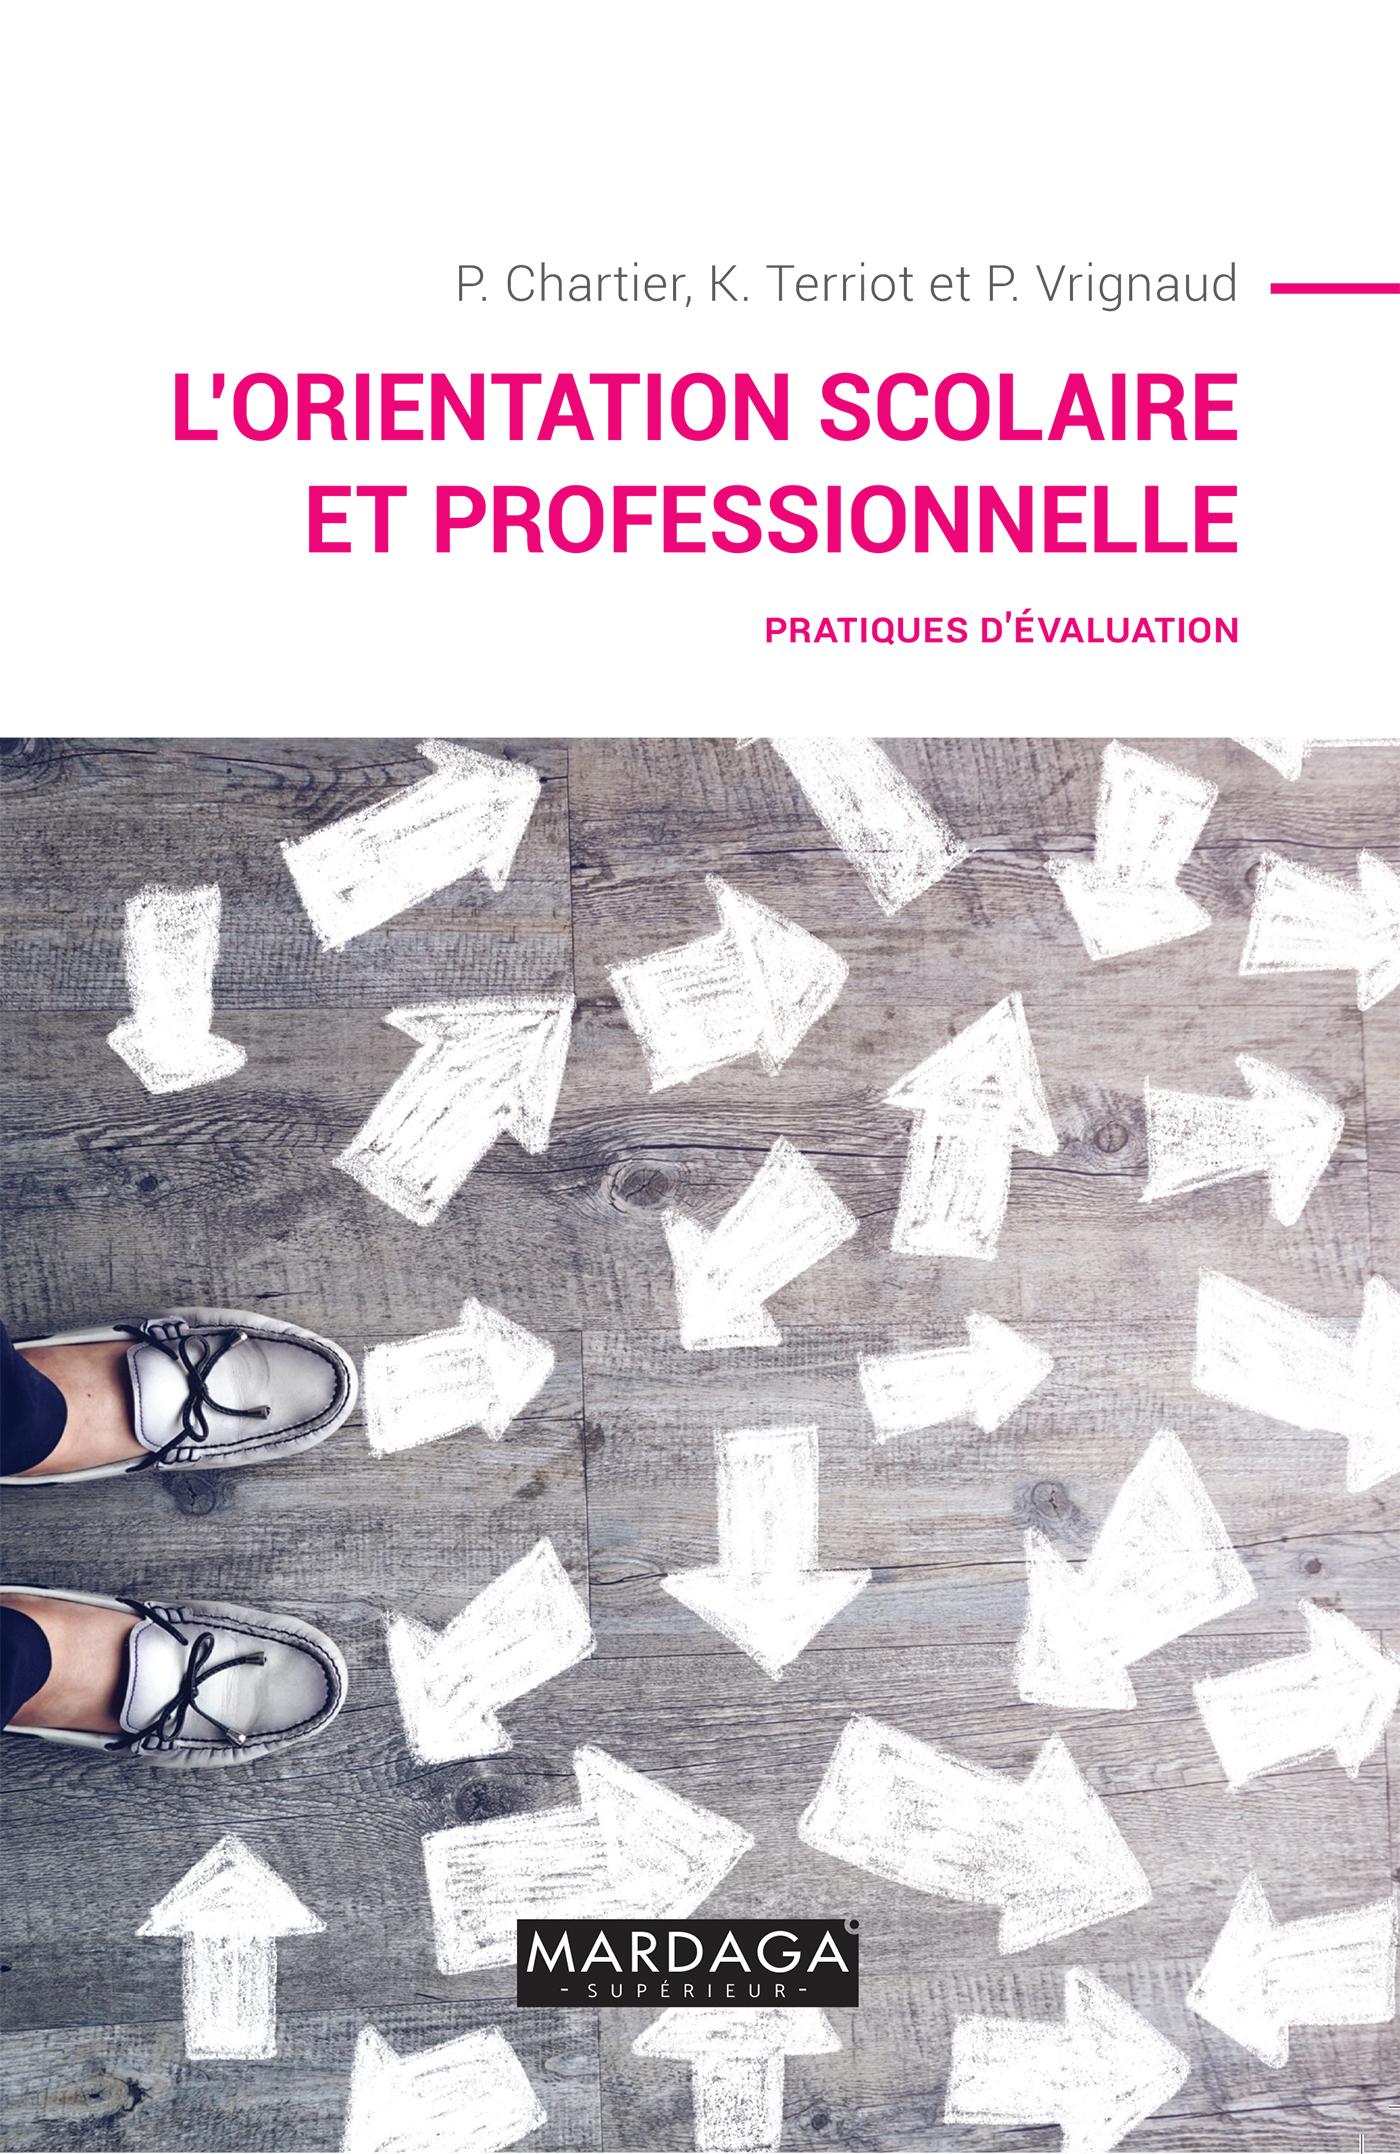 L'ORIENTATION SCOLAIRE ET PROFESSIONNELLE - PRATIQUES D'EVALUATION